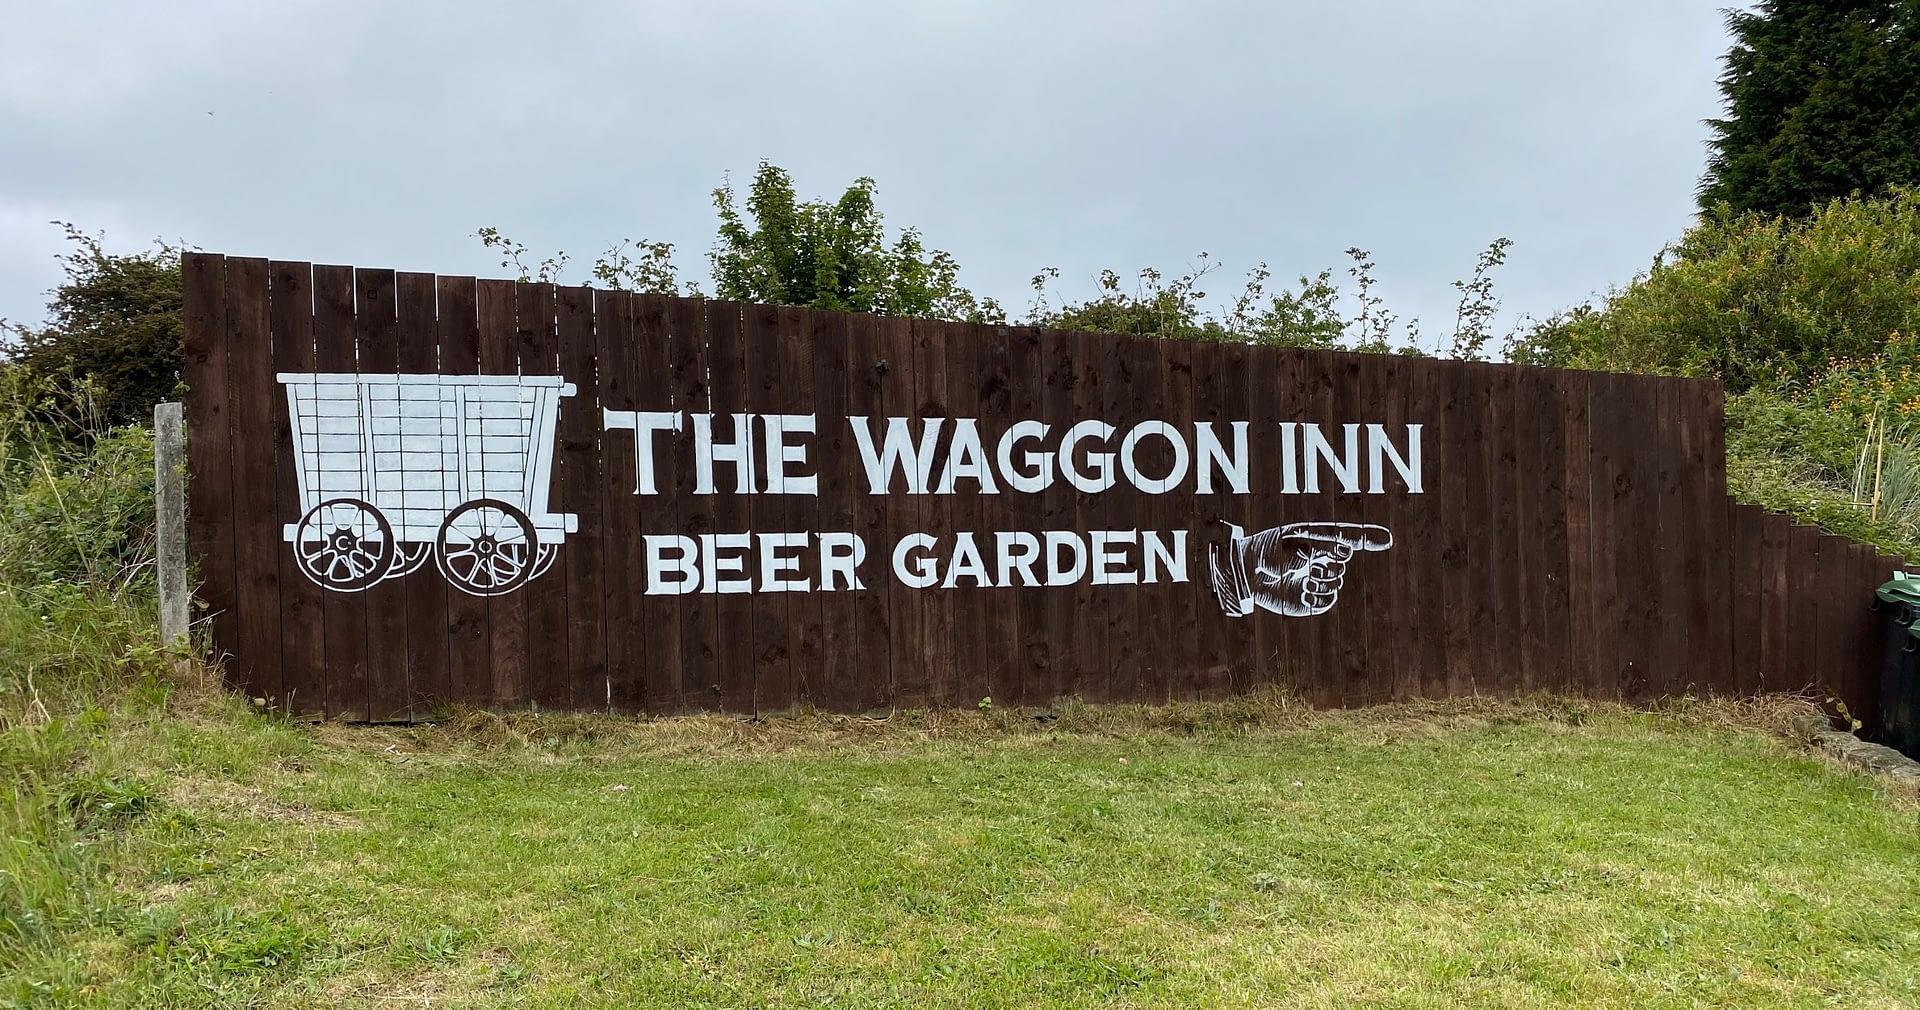 The Waggon Inn